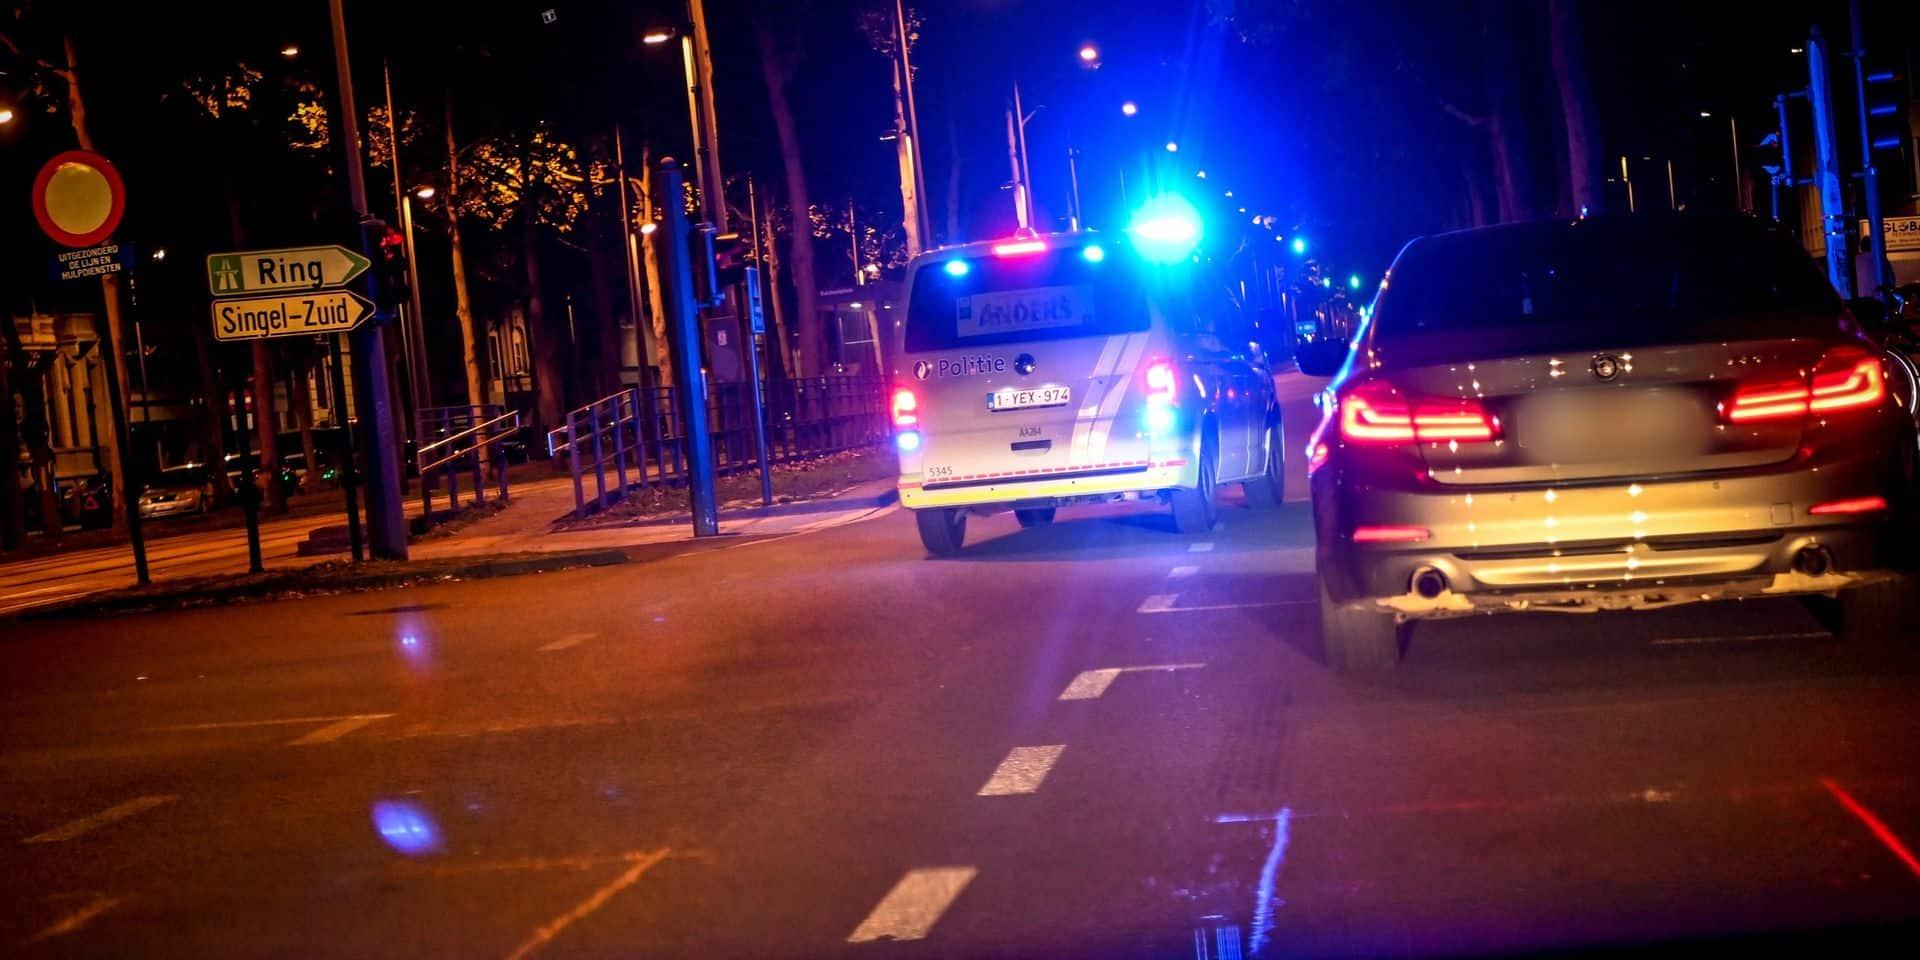 Nouvelle nuit agitée par des fêtards à Anvers : une centaine de personnes rassemblées, la police a dû intervenir